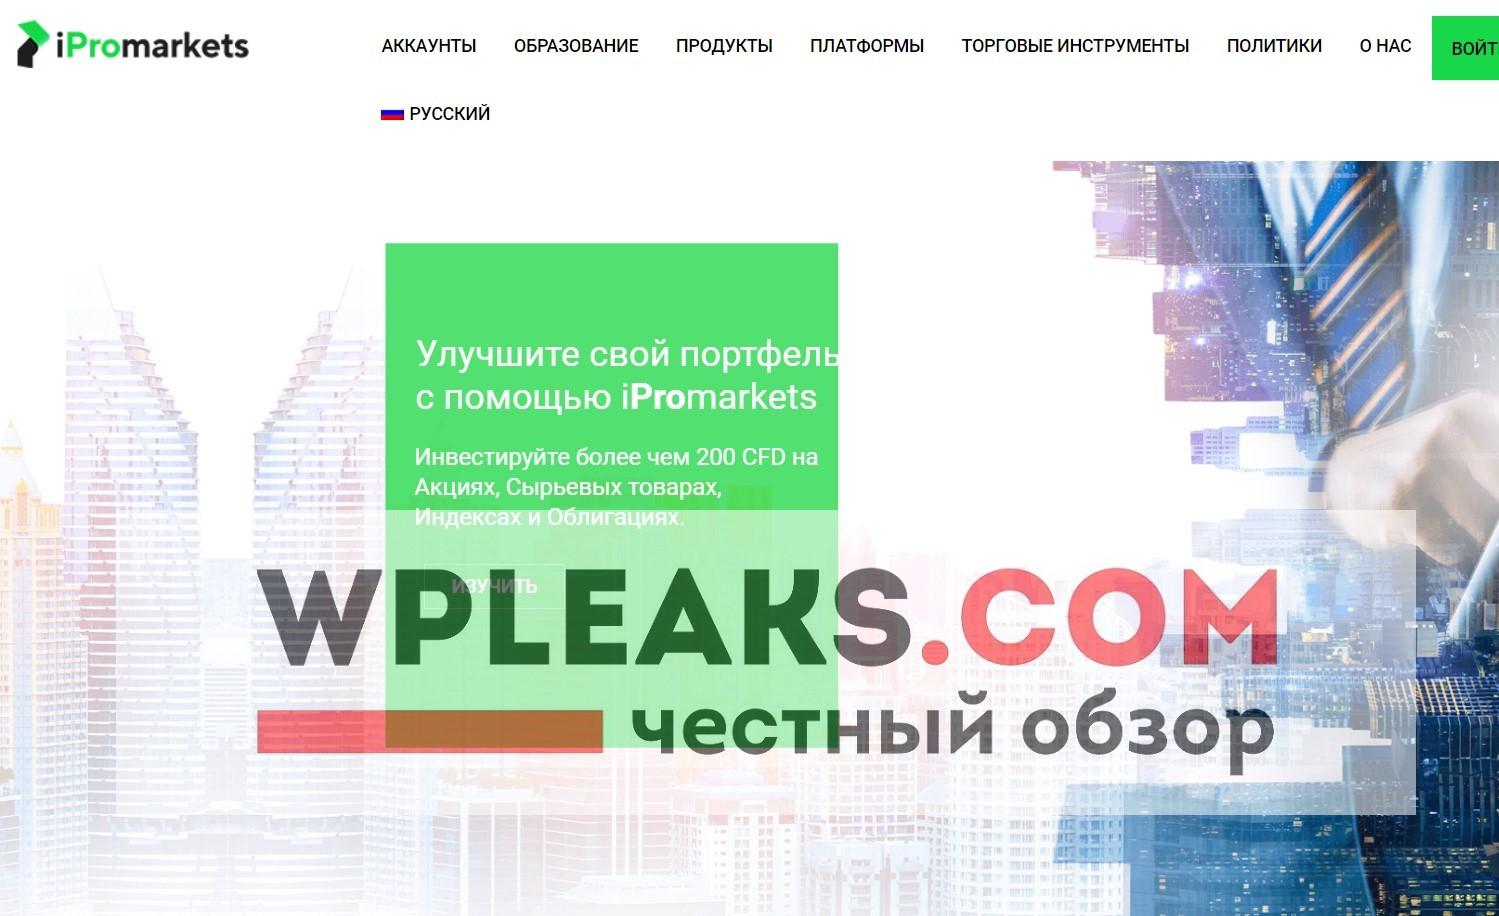 Брокер iPromarkets отзывы